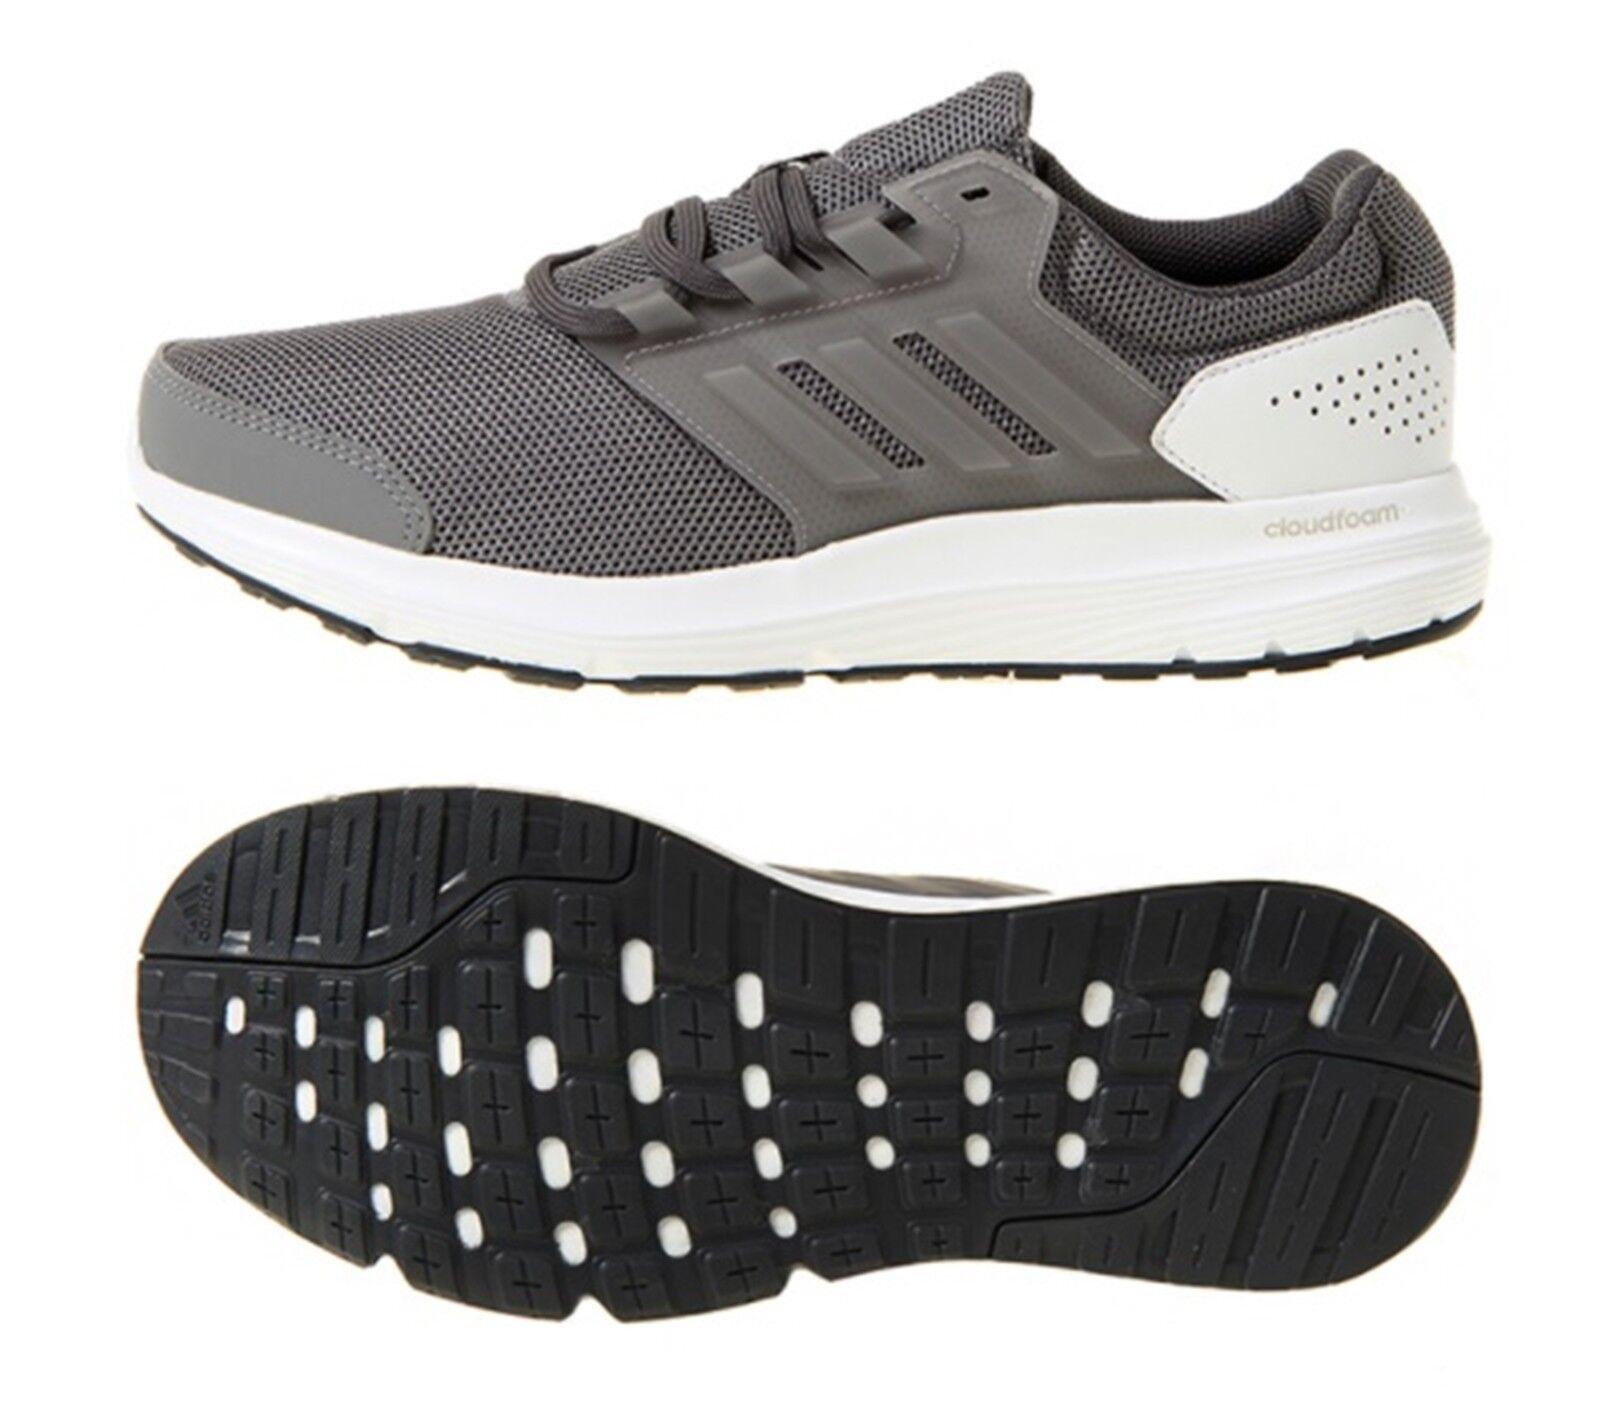 Adidas Zapatos de  entrenamiento para hombre Galaxy 4 M Cloudfoam gris Zapatillas Zapatos Correr BB3567  60% de descuento